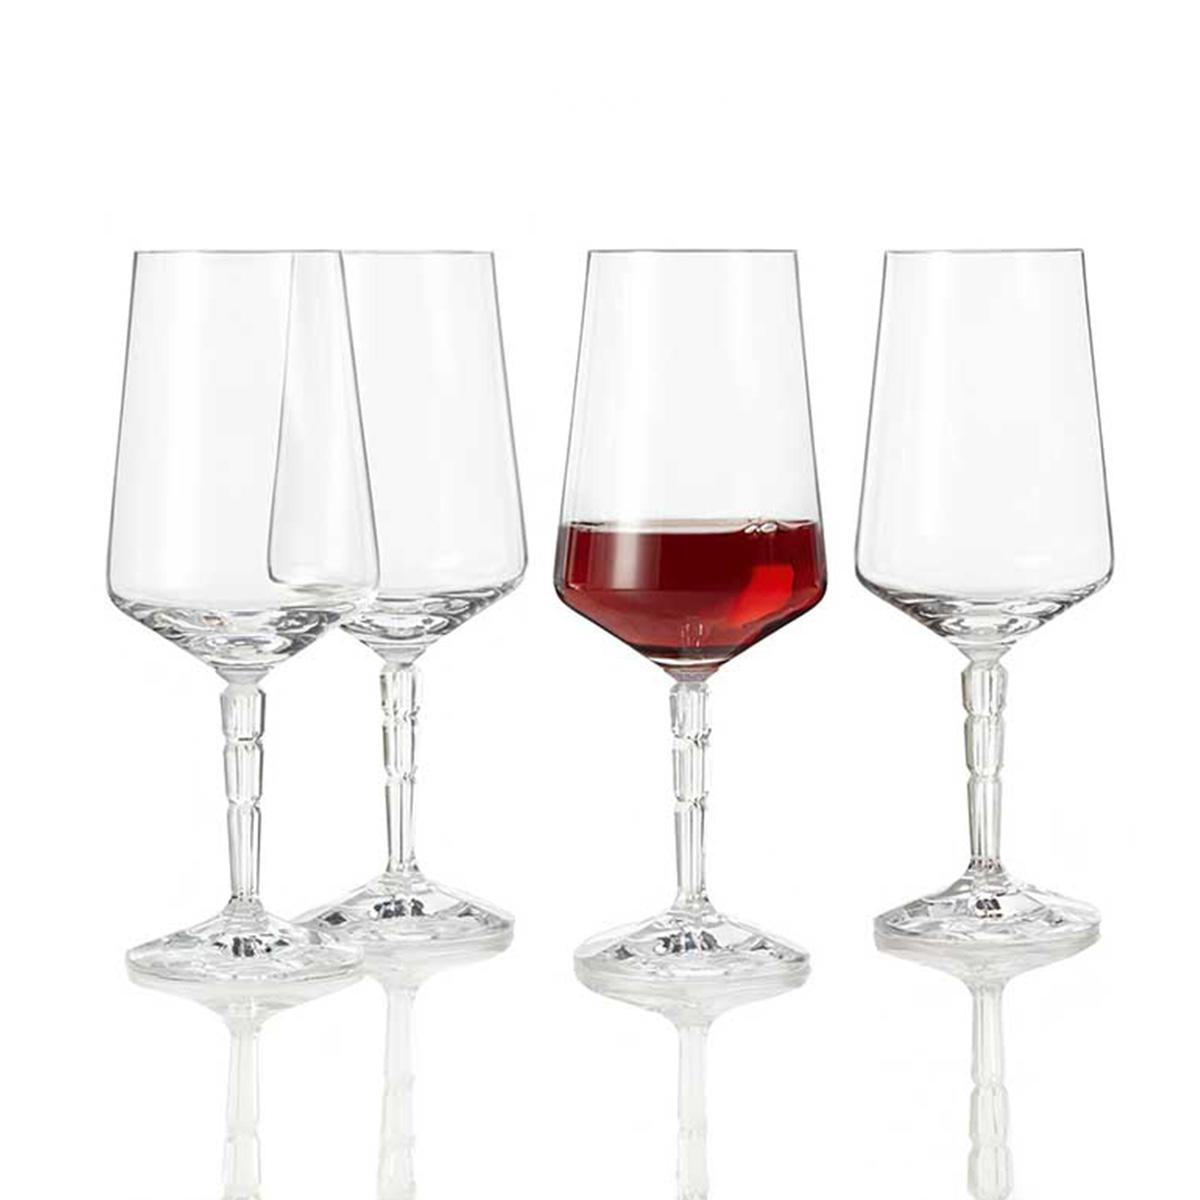 Čaša za crno vino Spiritii 22747